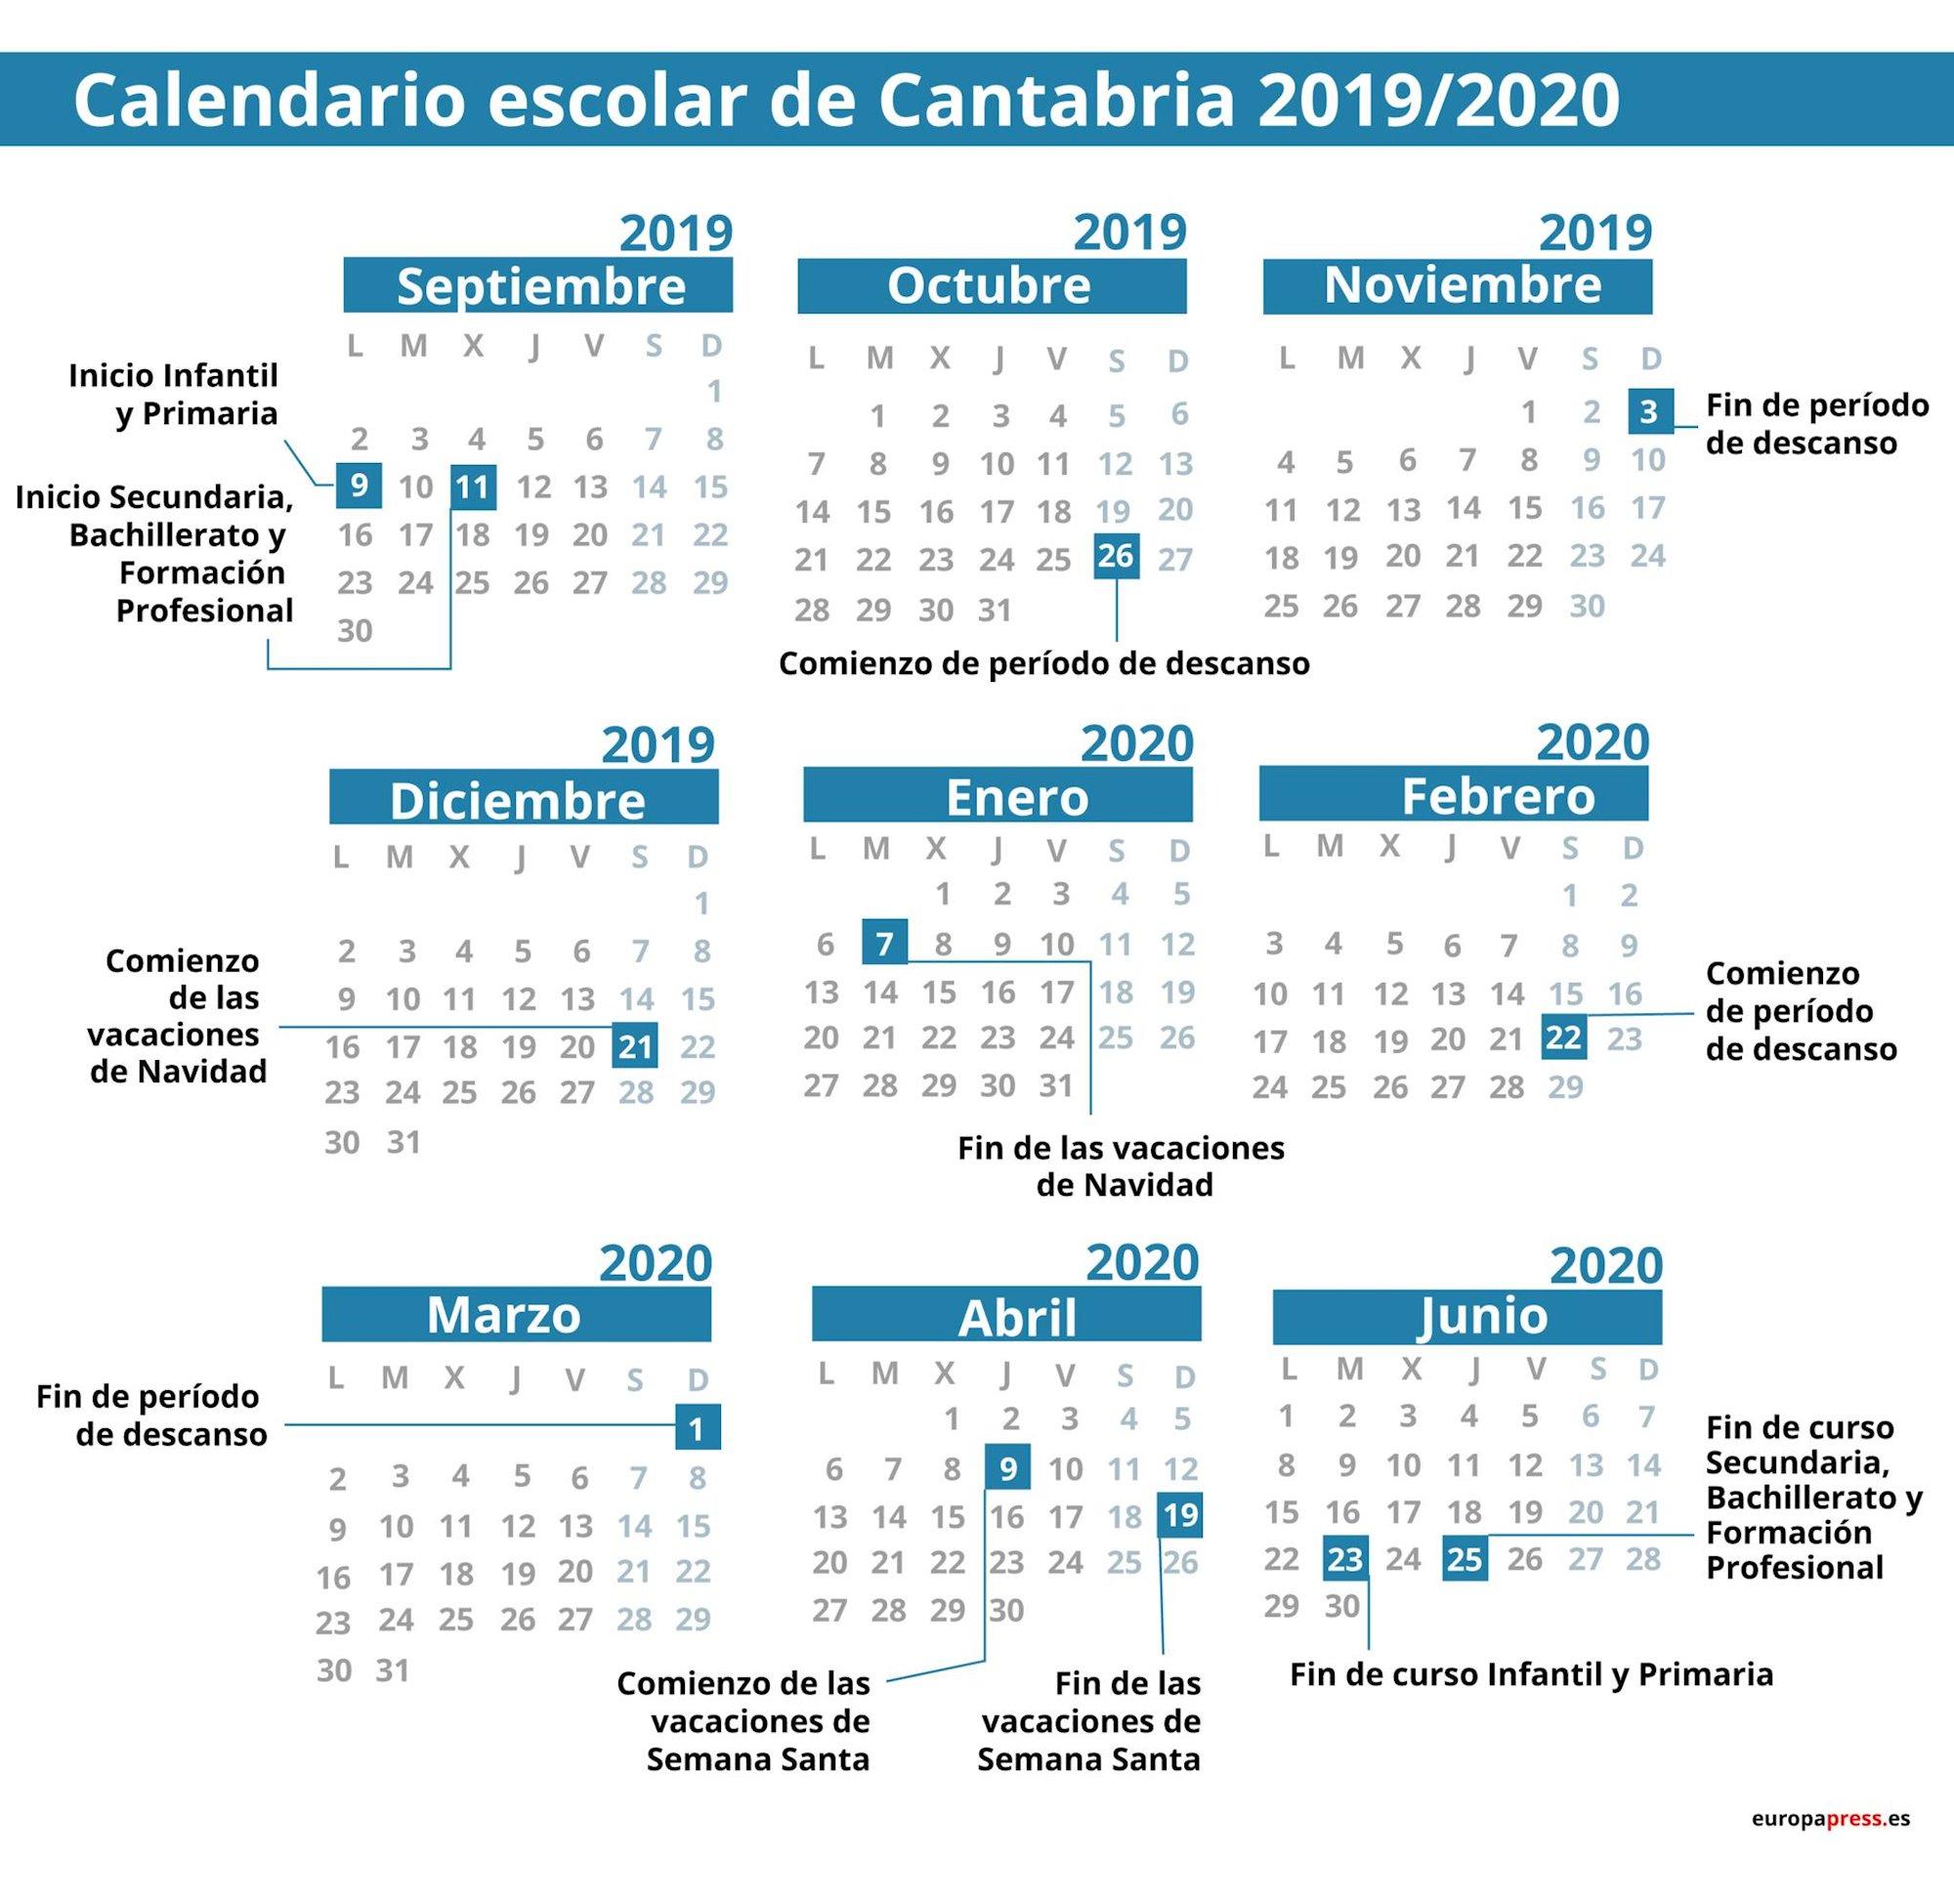 Calendario Escolar En Cantabria 20192020: Navidad, Semana pertaining to Calendario 2020 Con Semanas